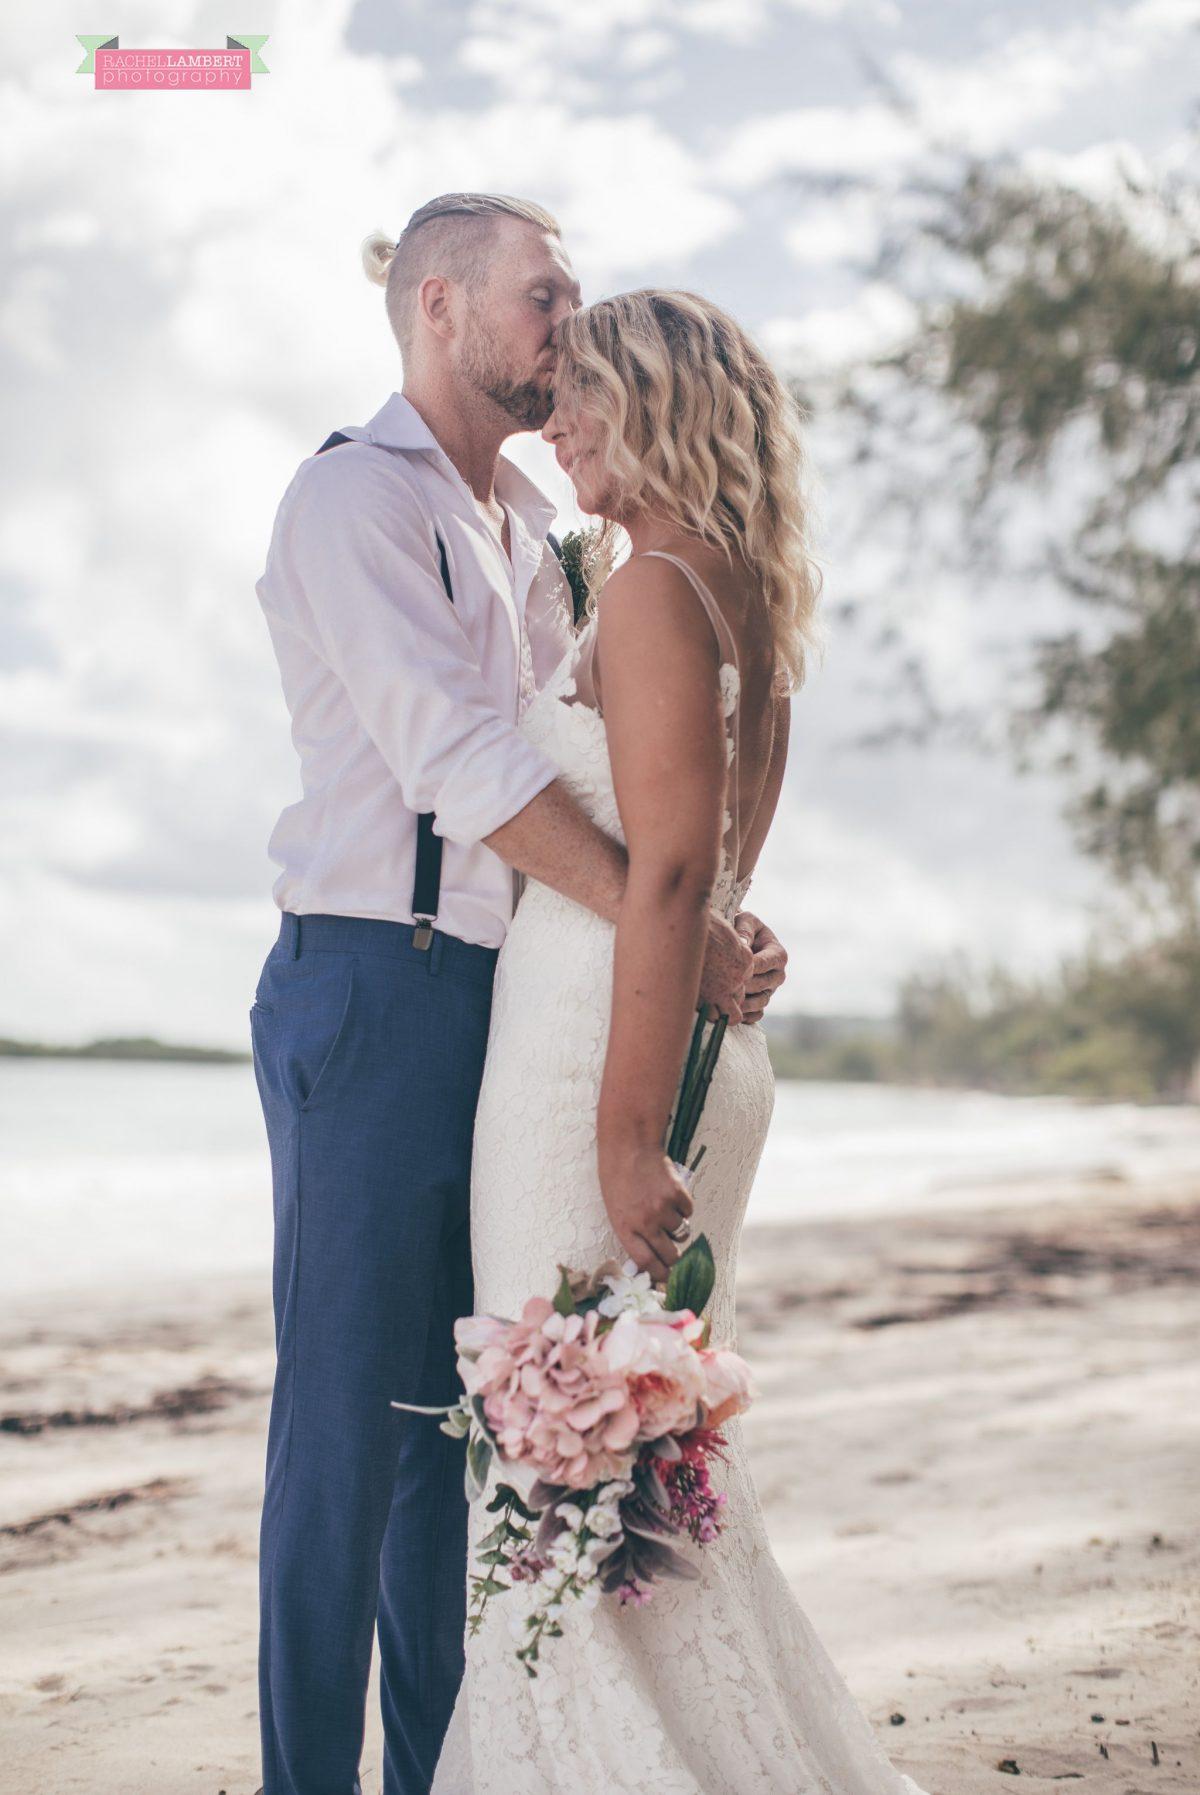 Postwedding beach photo shoot after Lauren and Sams amazing beach